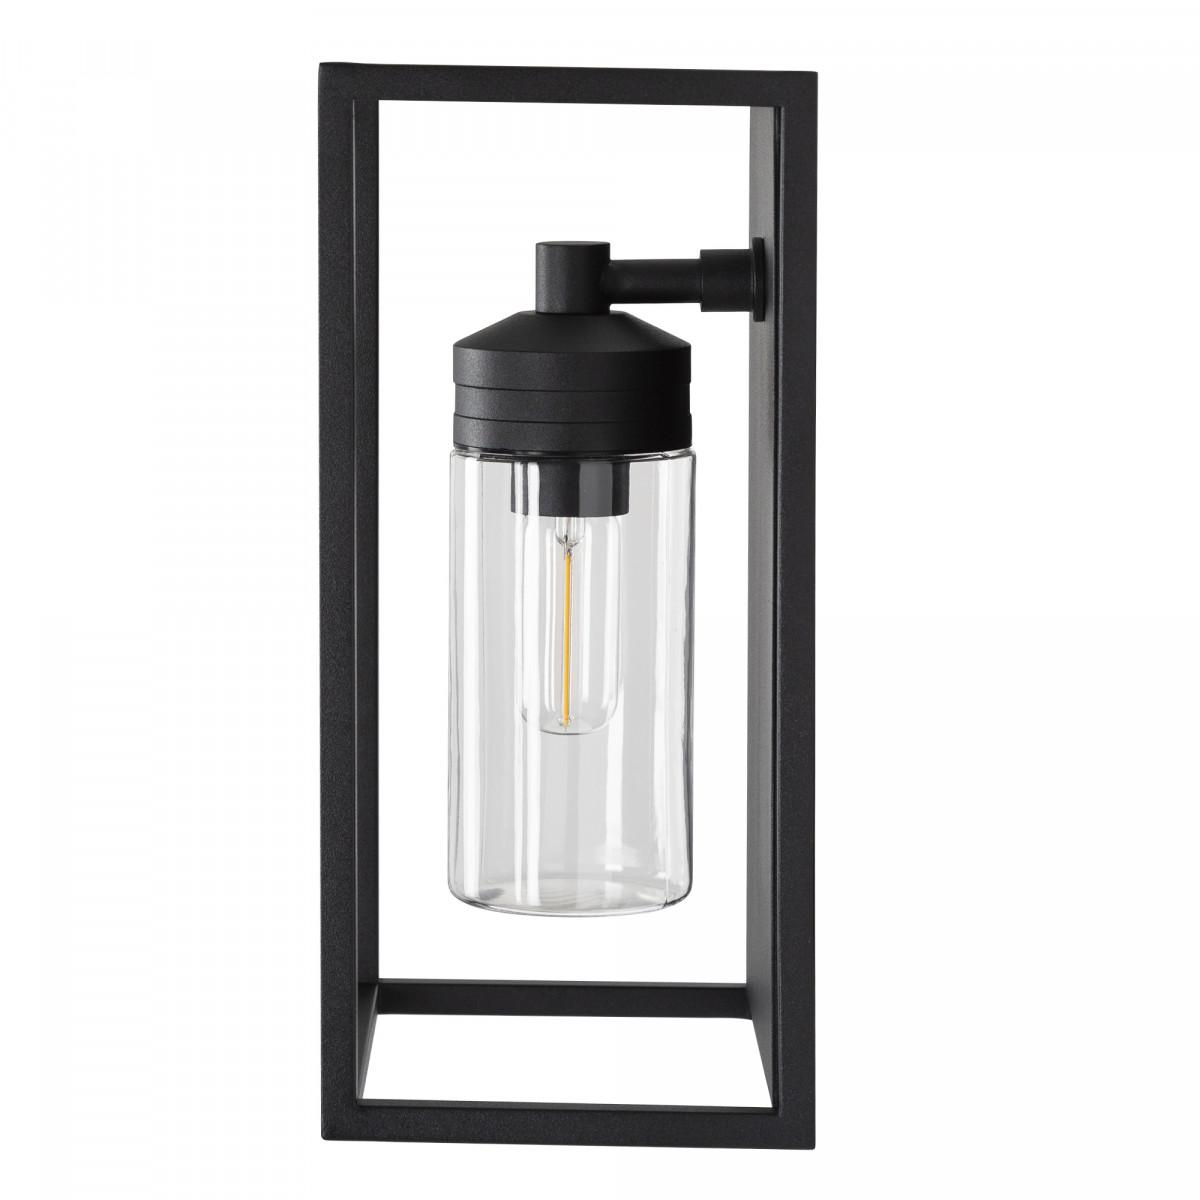 Buitenlamp Hudson zwart, moderne RVS wandverlichting voor buiten, buitenverlichting, sfeervol en functioneel, zwart frame helder stolpglas vlakke achterzijde, E27 fitting